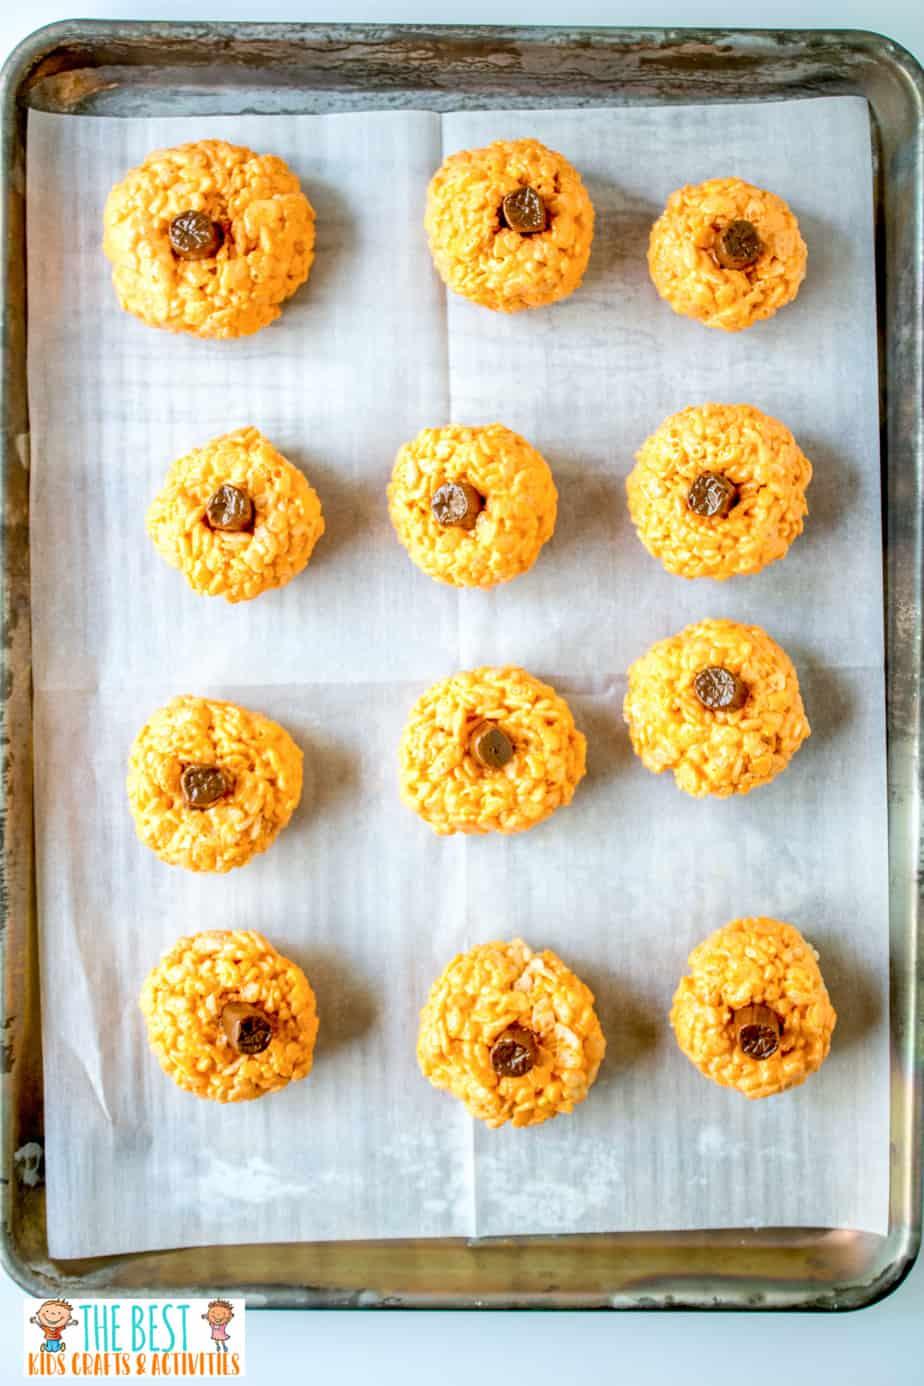 Pumpkin rice krispie treats on a baking sheet